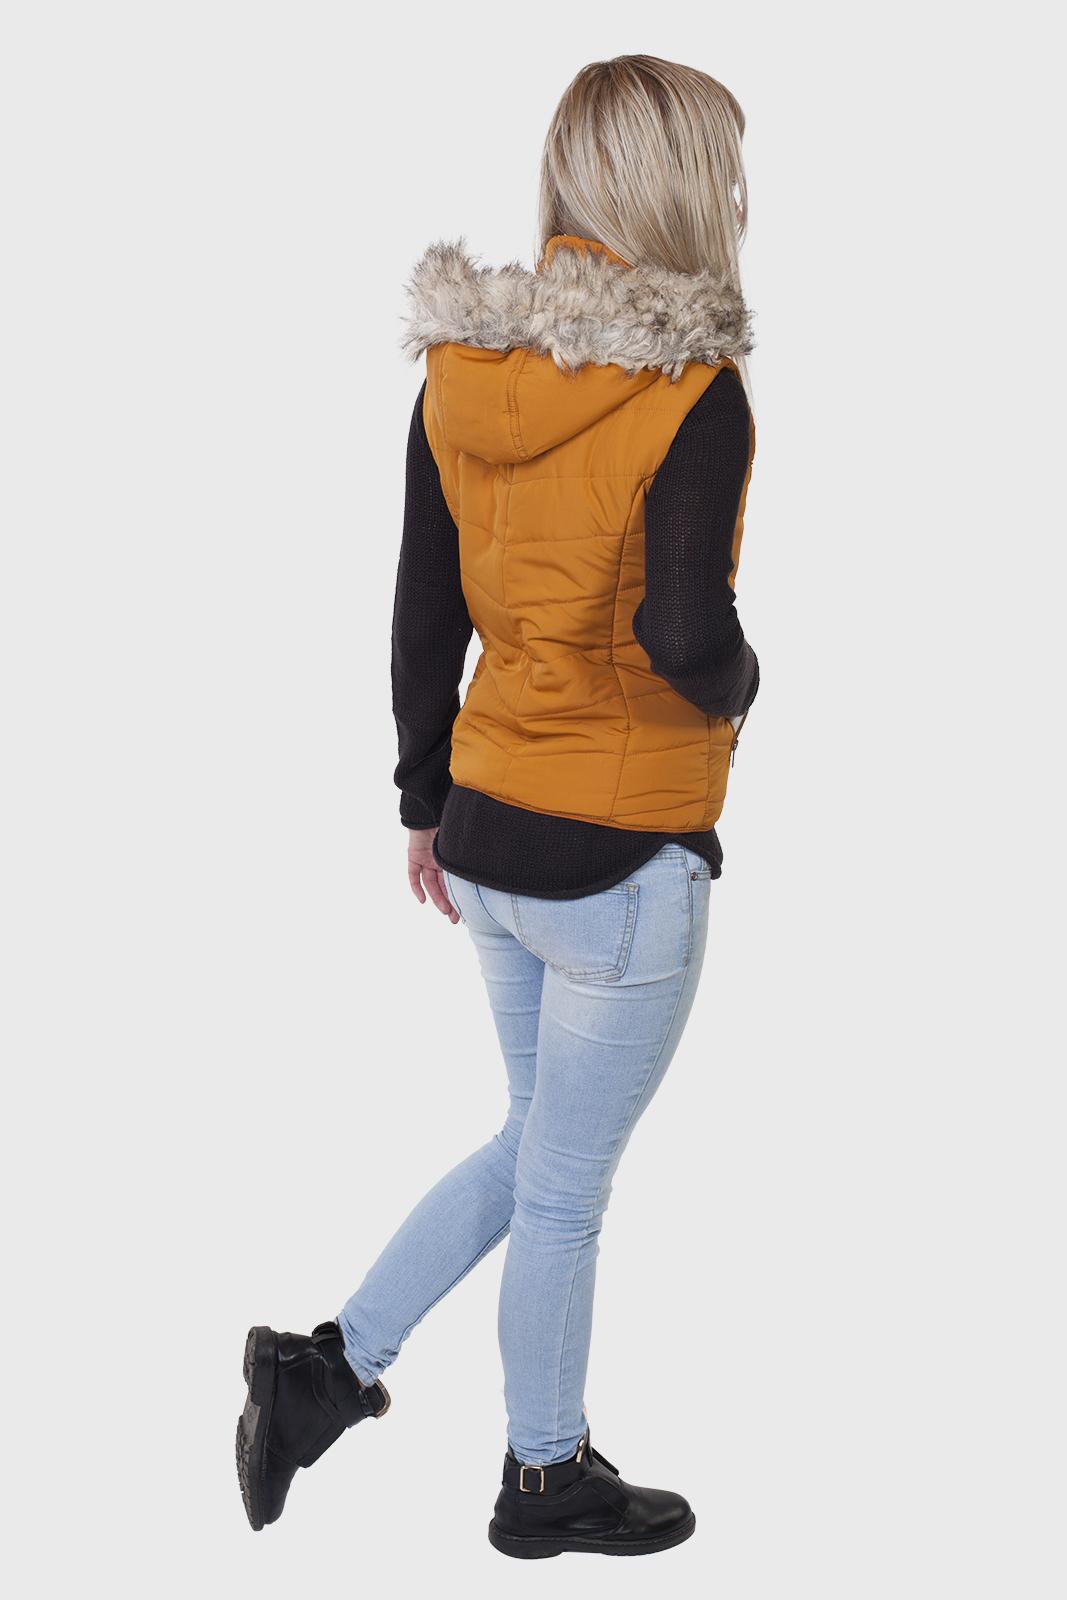 Стеганый женский жилет с капюшоном от Aeropostale (США) оптом в Военпро